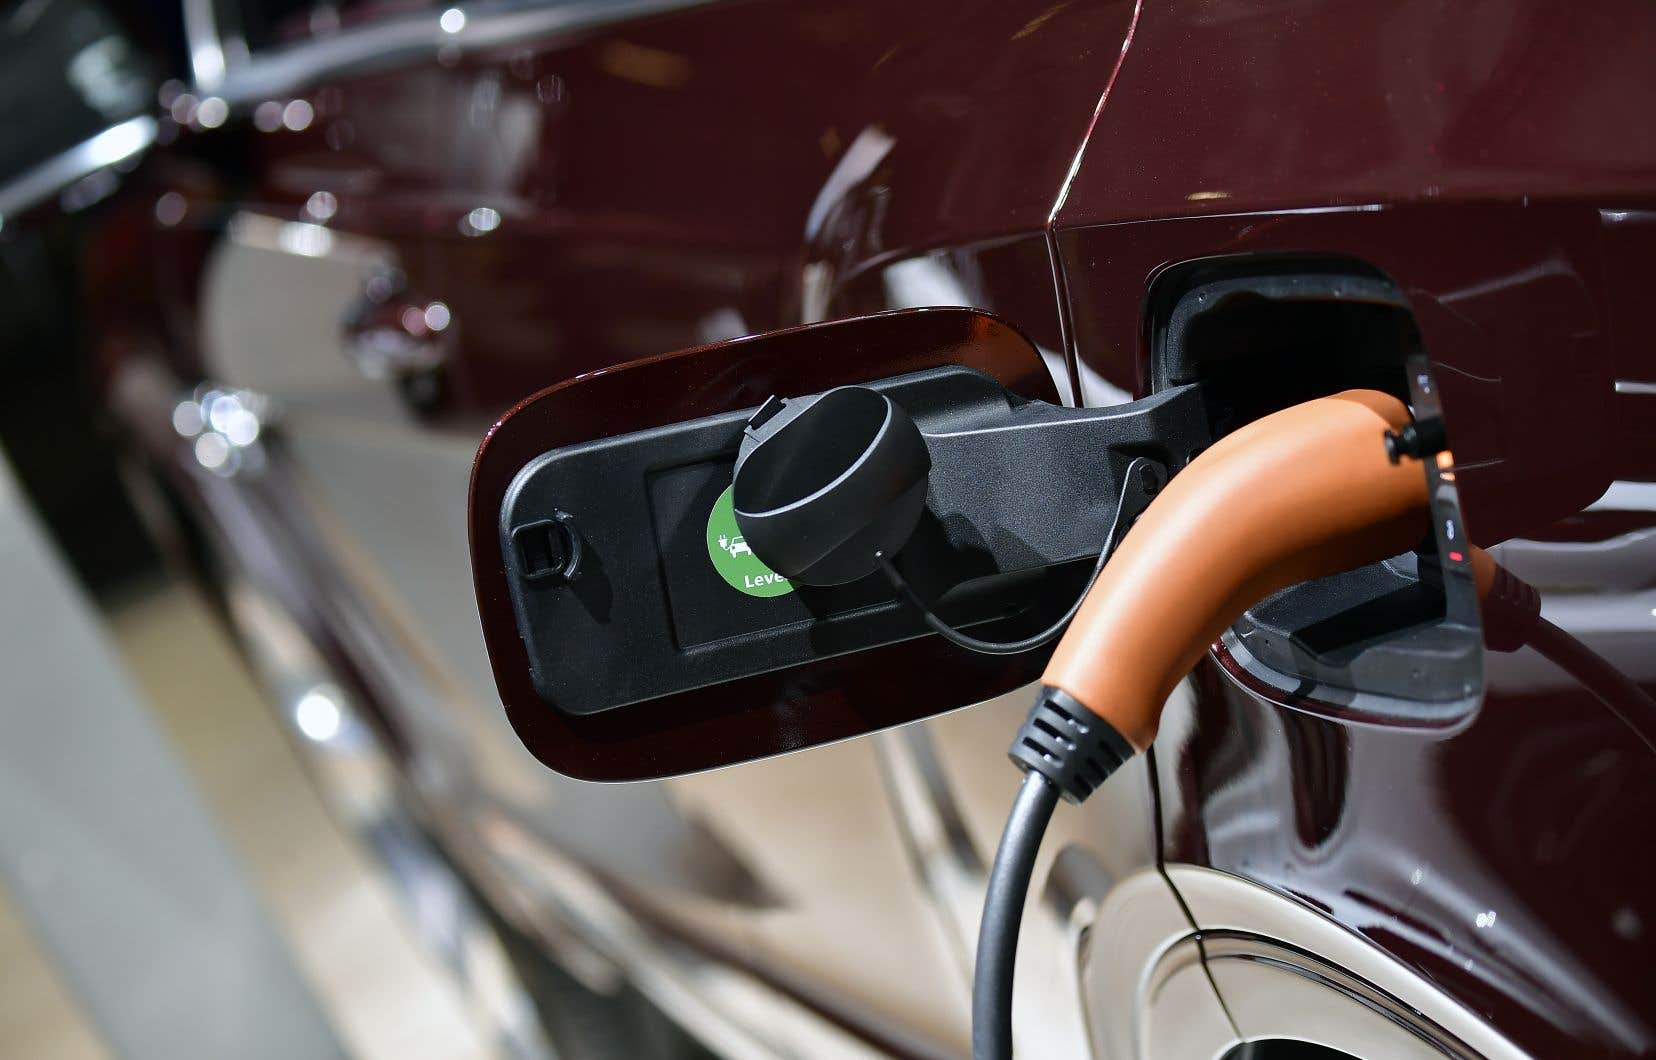 Plus de 24000 véhicules électriques circulaient sur les routes de la province en date du 31mars 2018, selon l'Association des véhicules électriques du Québec.